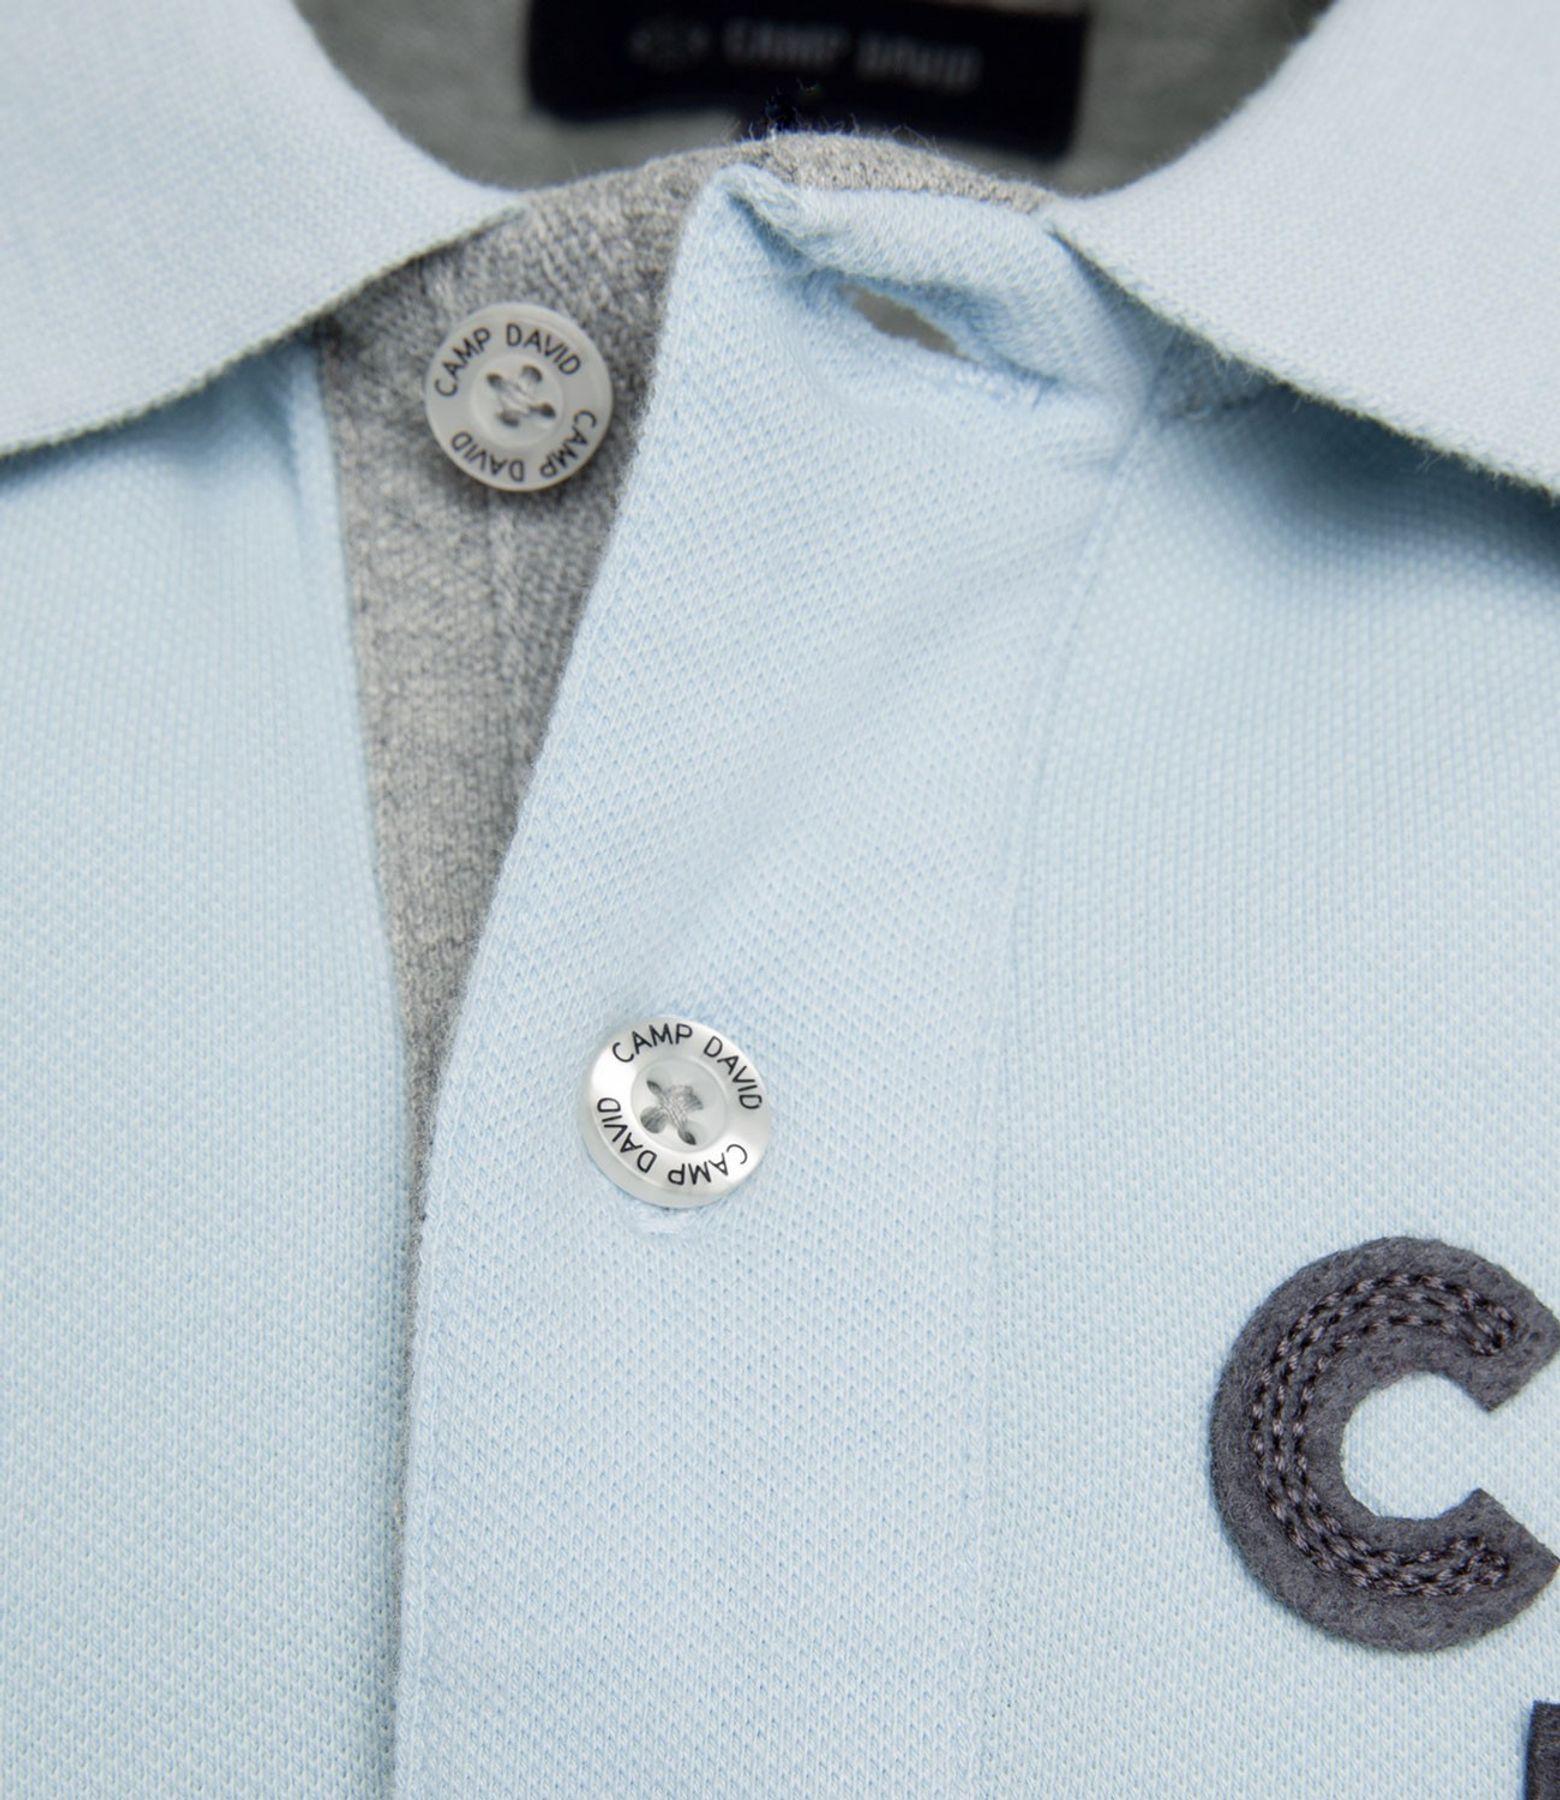 Camp David - Herren Poloshirt in verschiedenen Farben, bis 3XL (CHS-1804-3021)  – Bild 8